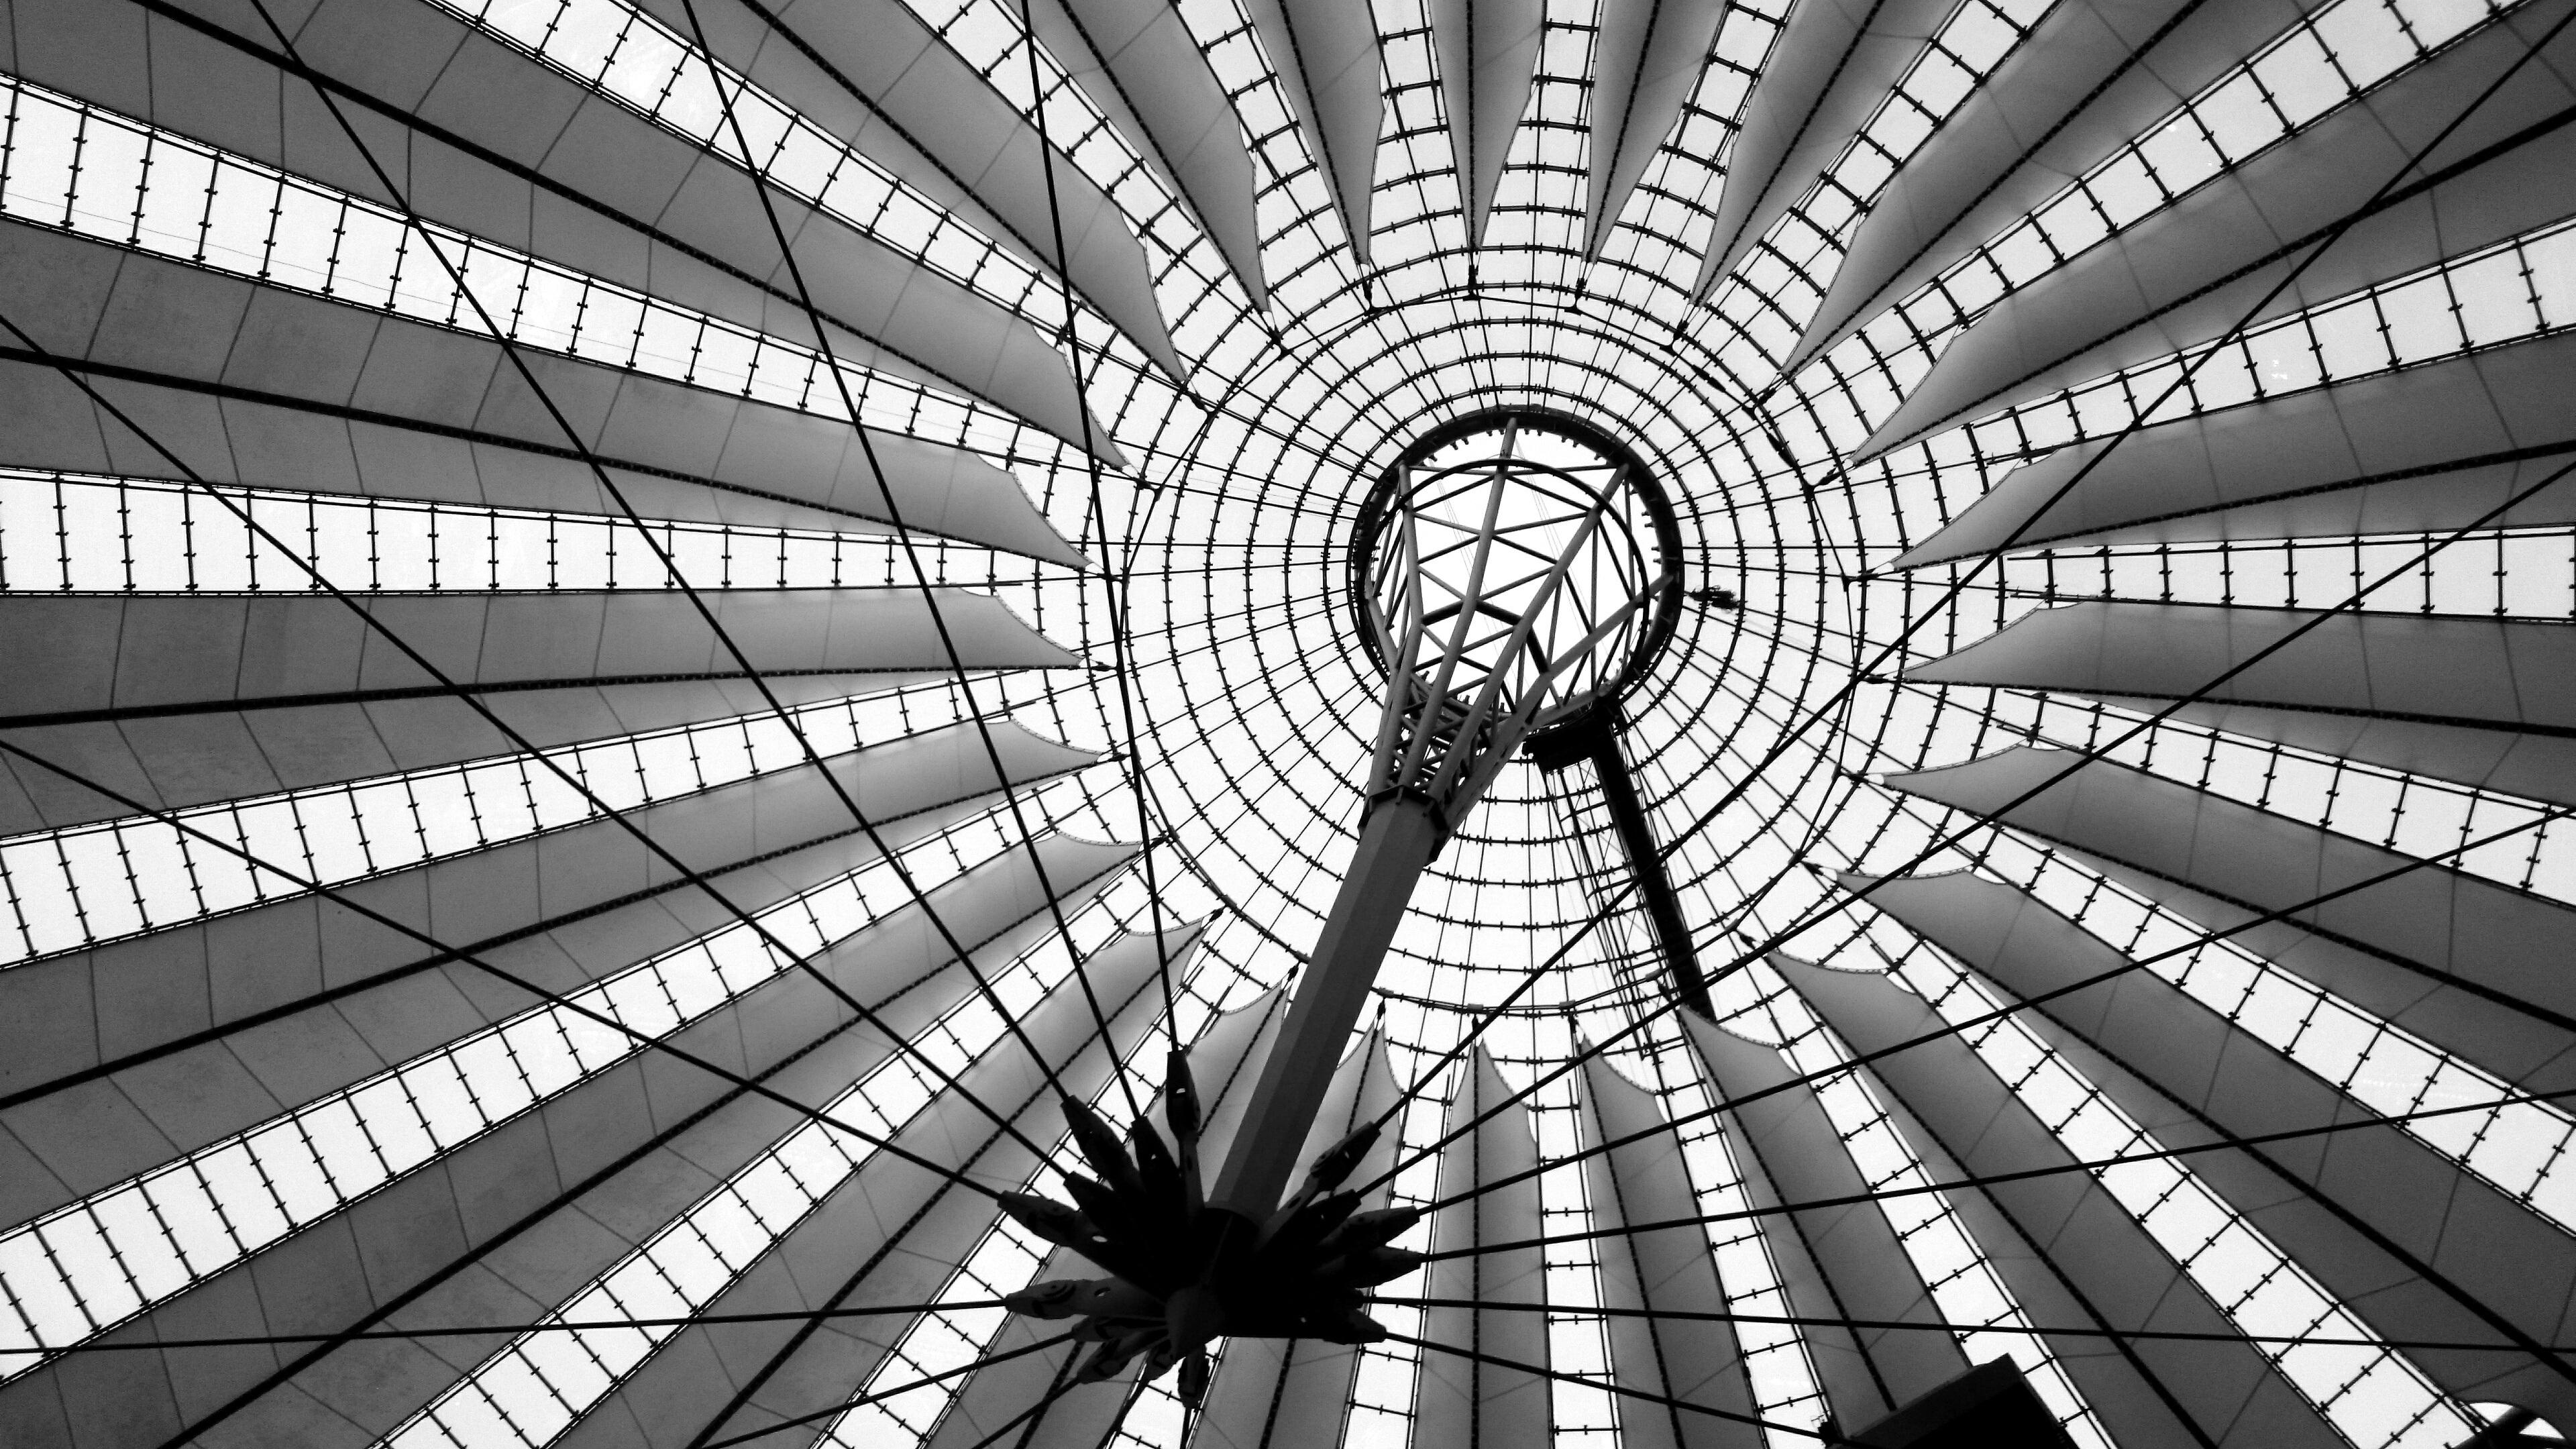 Light Black And White Architecture Structure Wheel Spiral Skyscraper Architect Construction Line Monochrome Circle Design